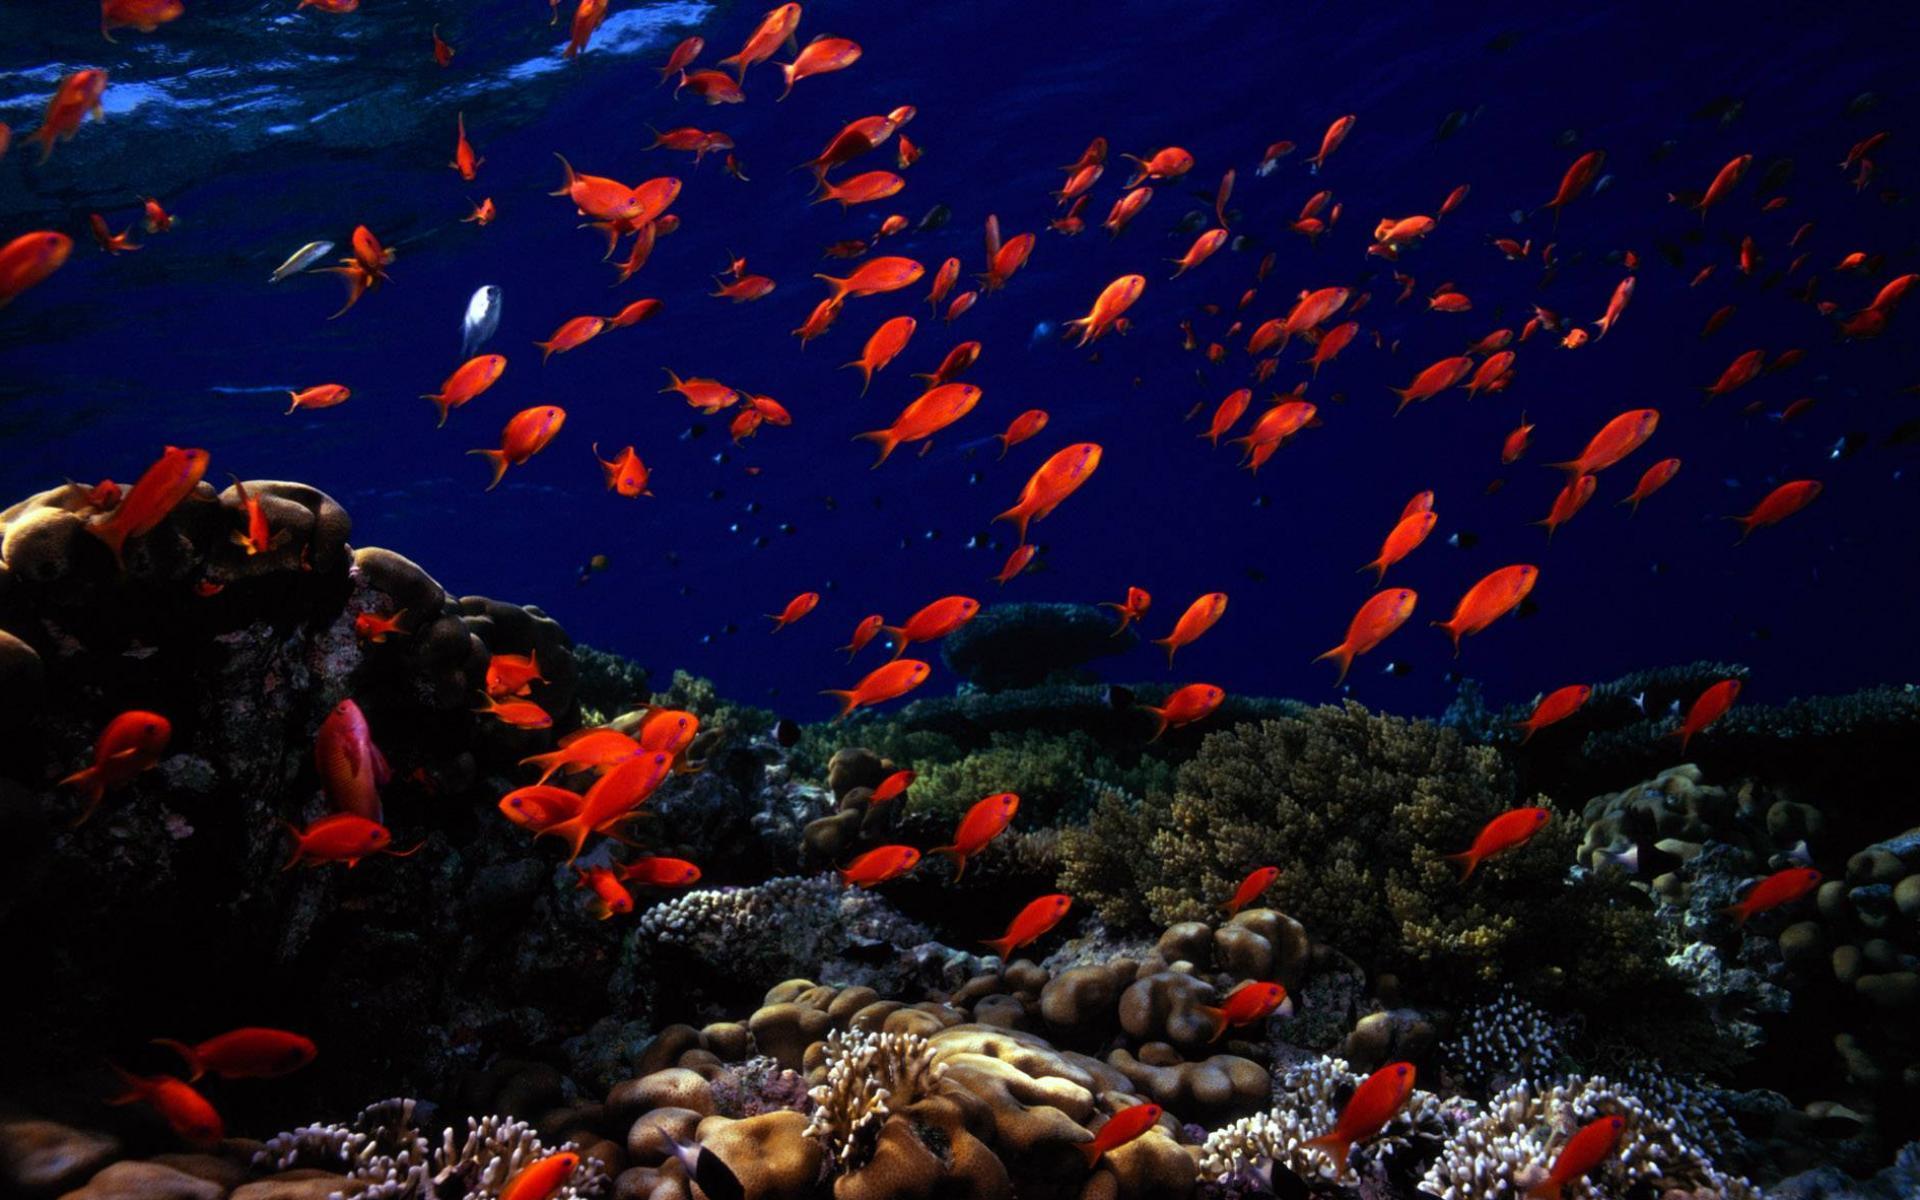 Рыбки картинки для детей цветные - fd4